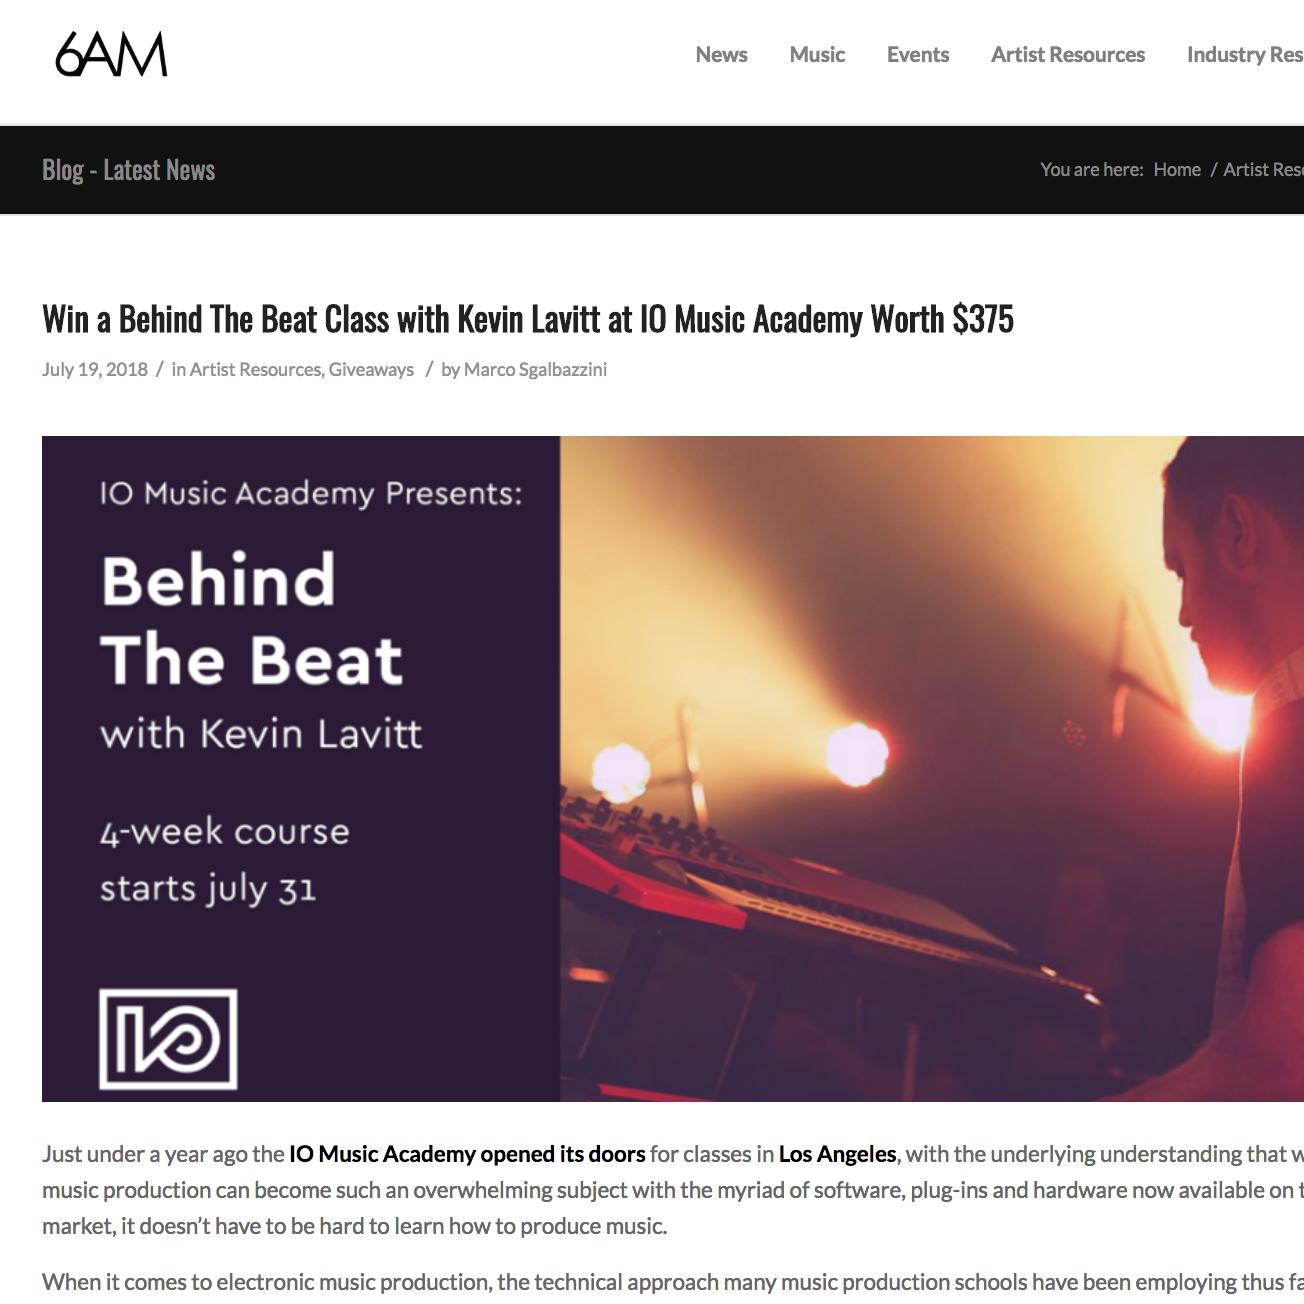 6AM_BehindTheBeat